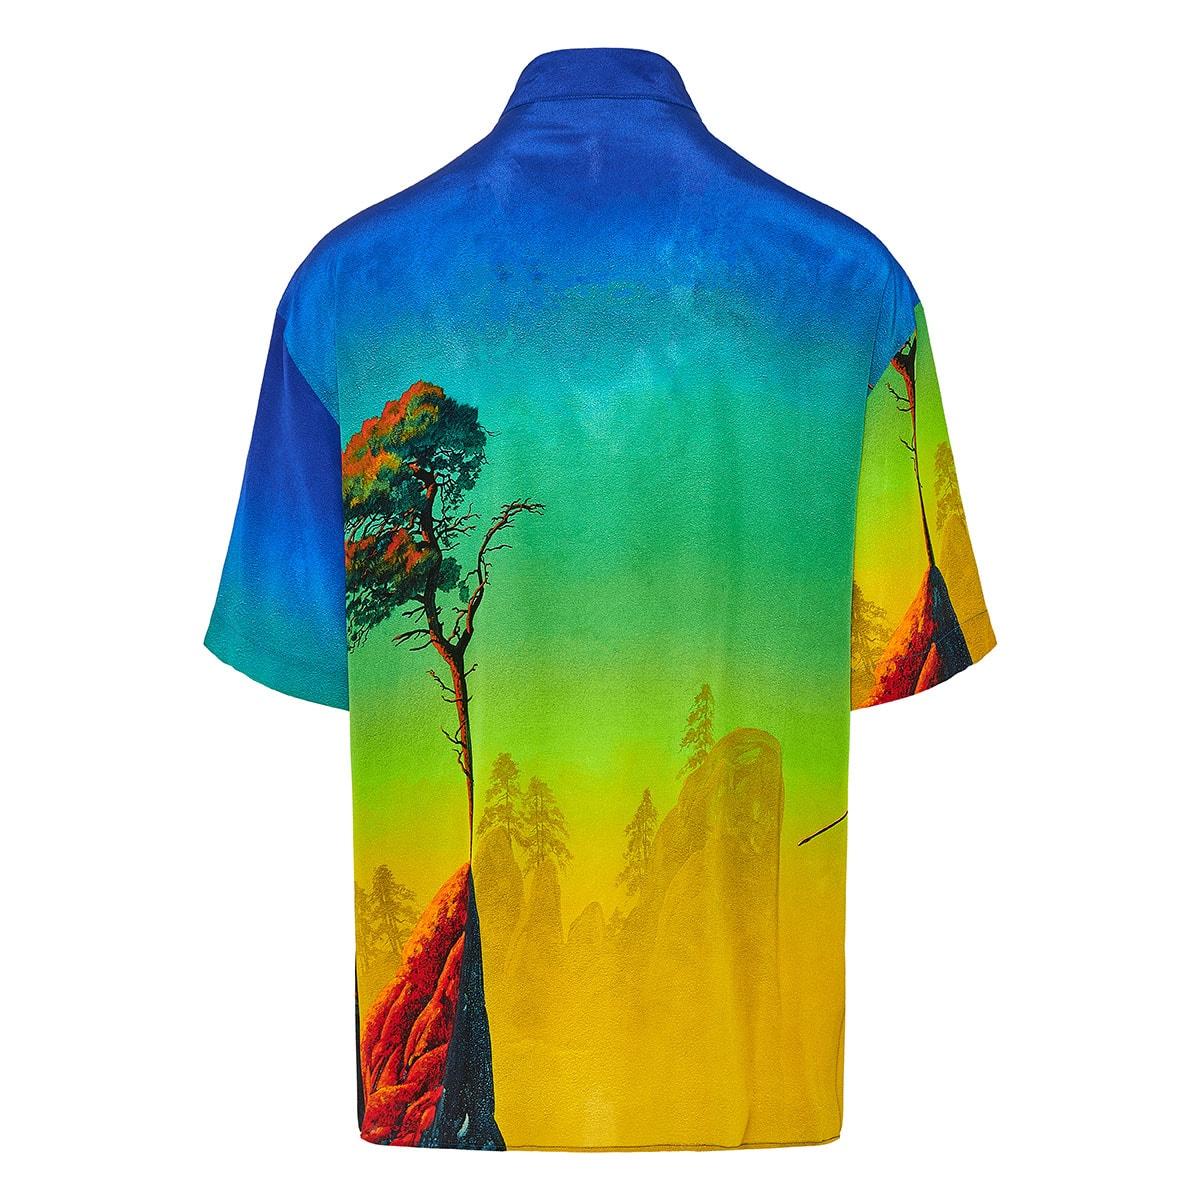 Dragon at Dawn oversized printed shirt